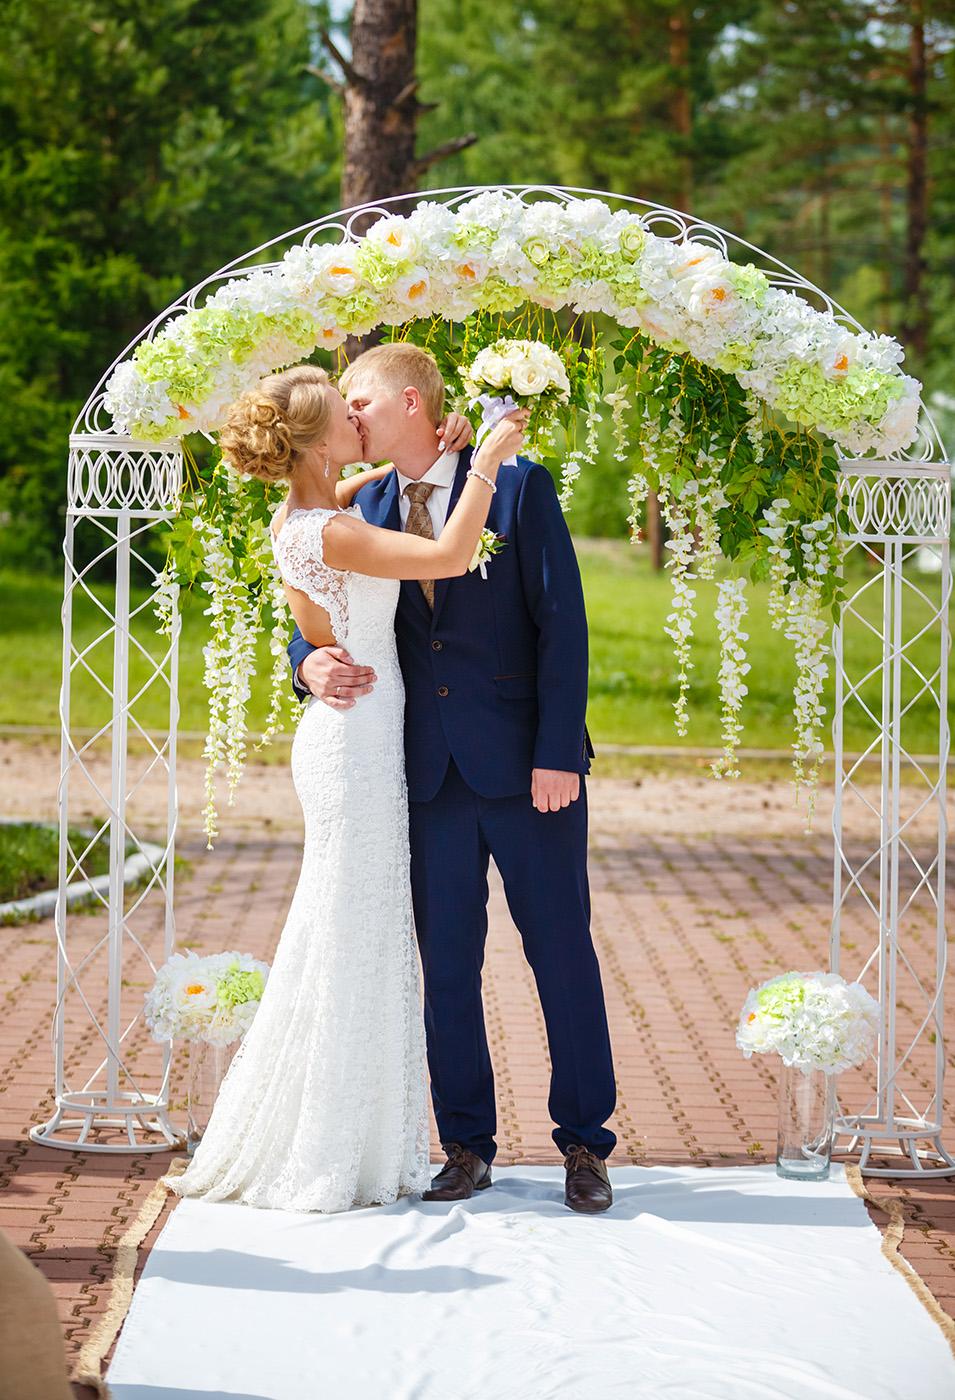 свадебная церемония Красноярск свадьба невеста место  фотограф